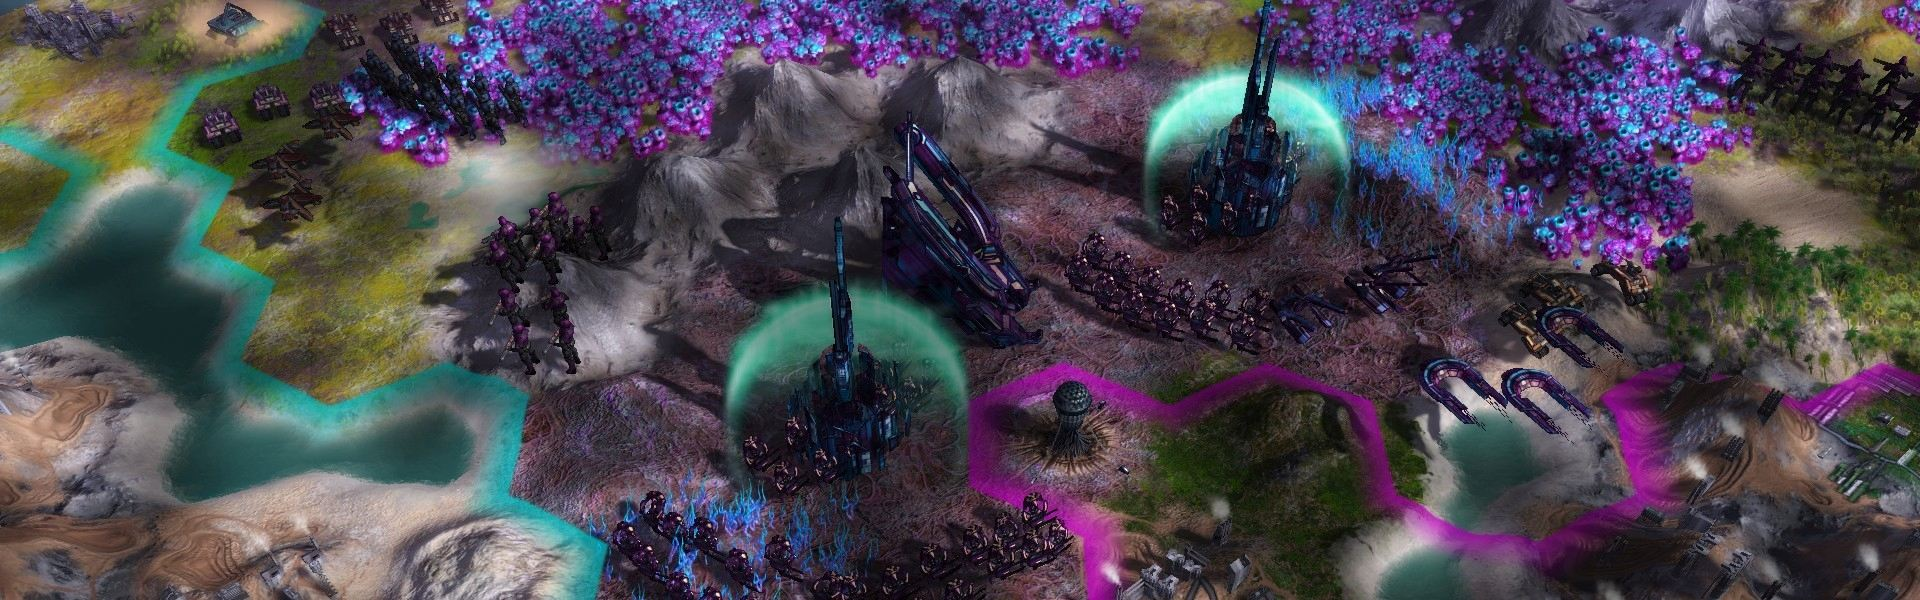 Pandora: First Contact Steam Key GLOBAL